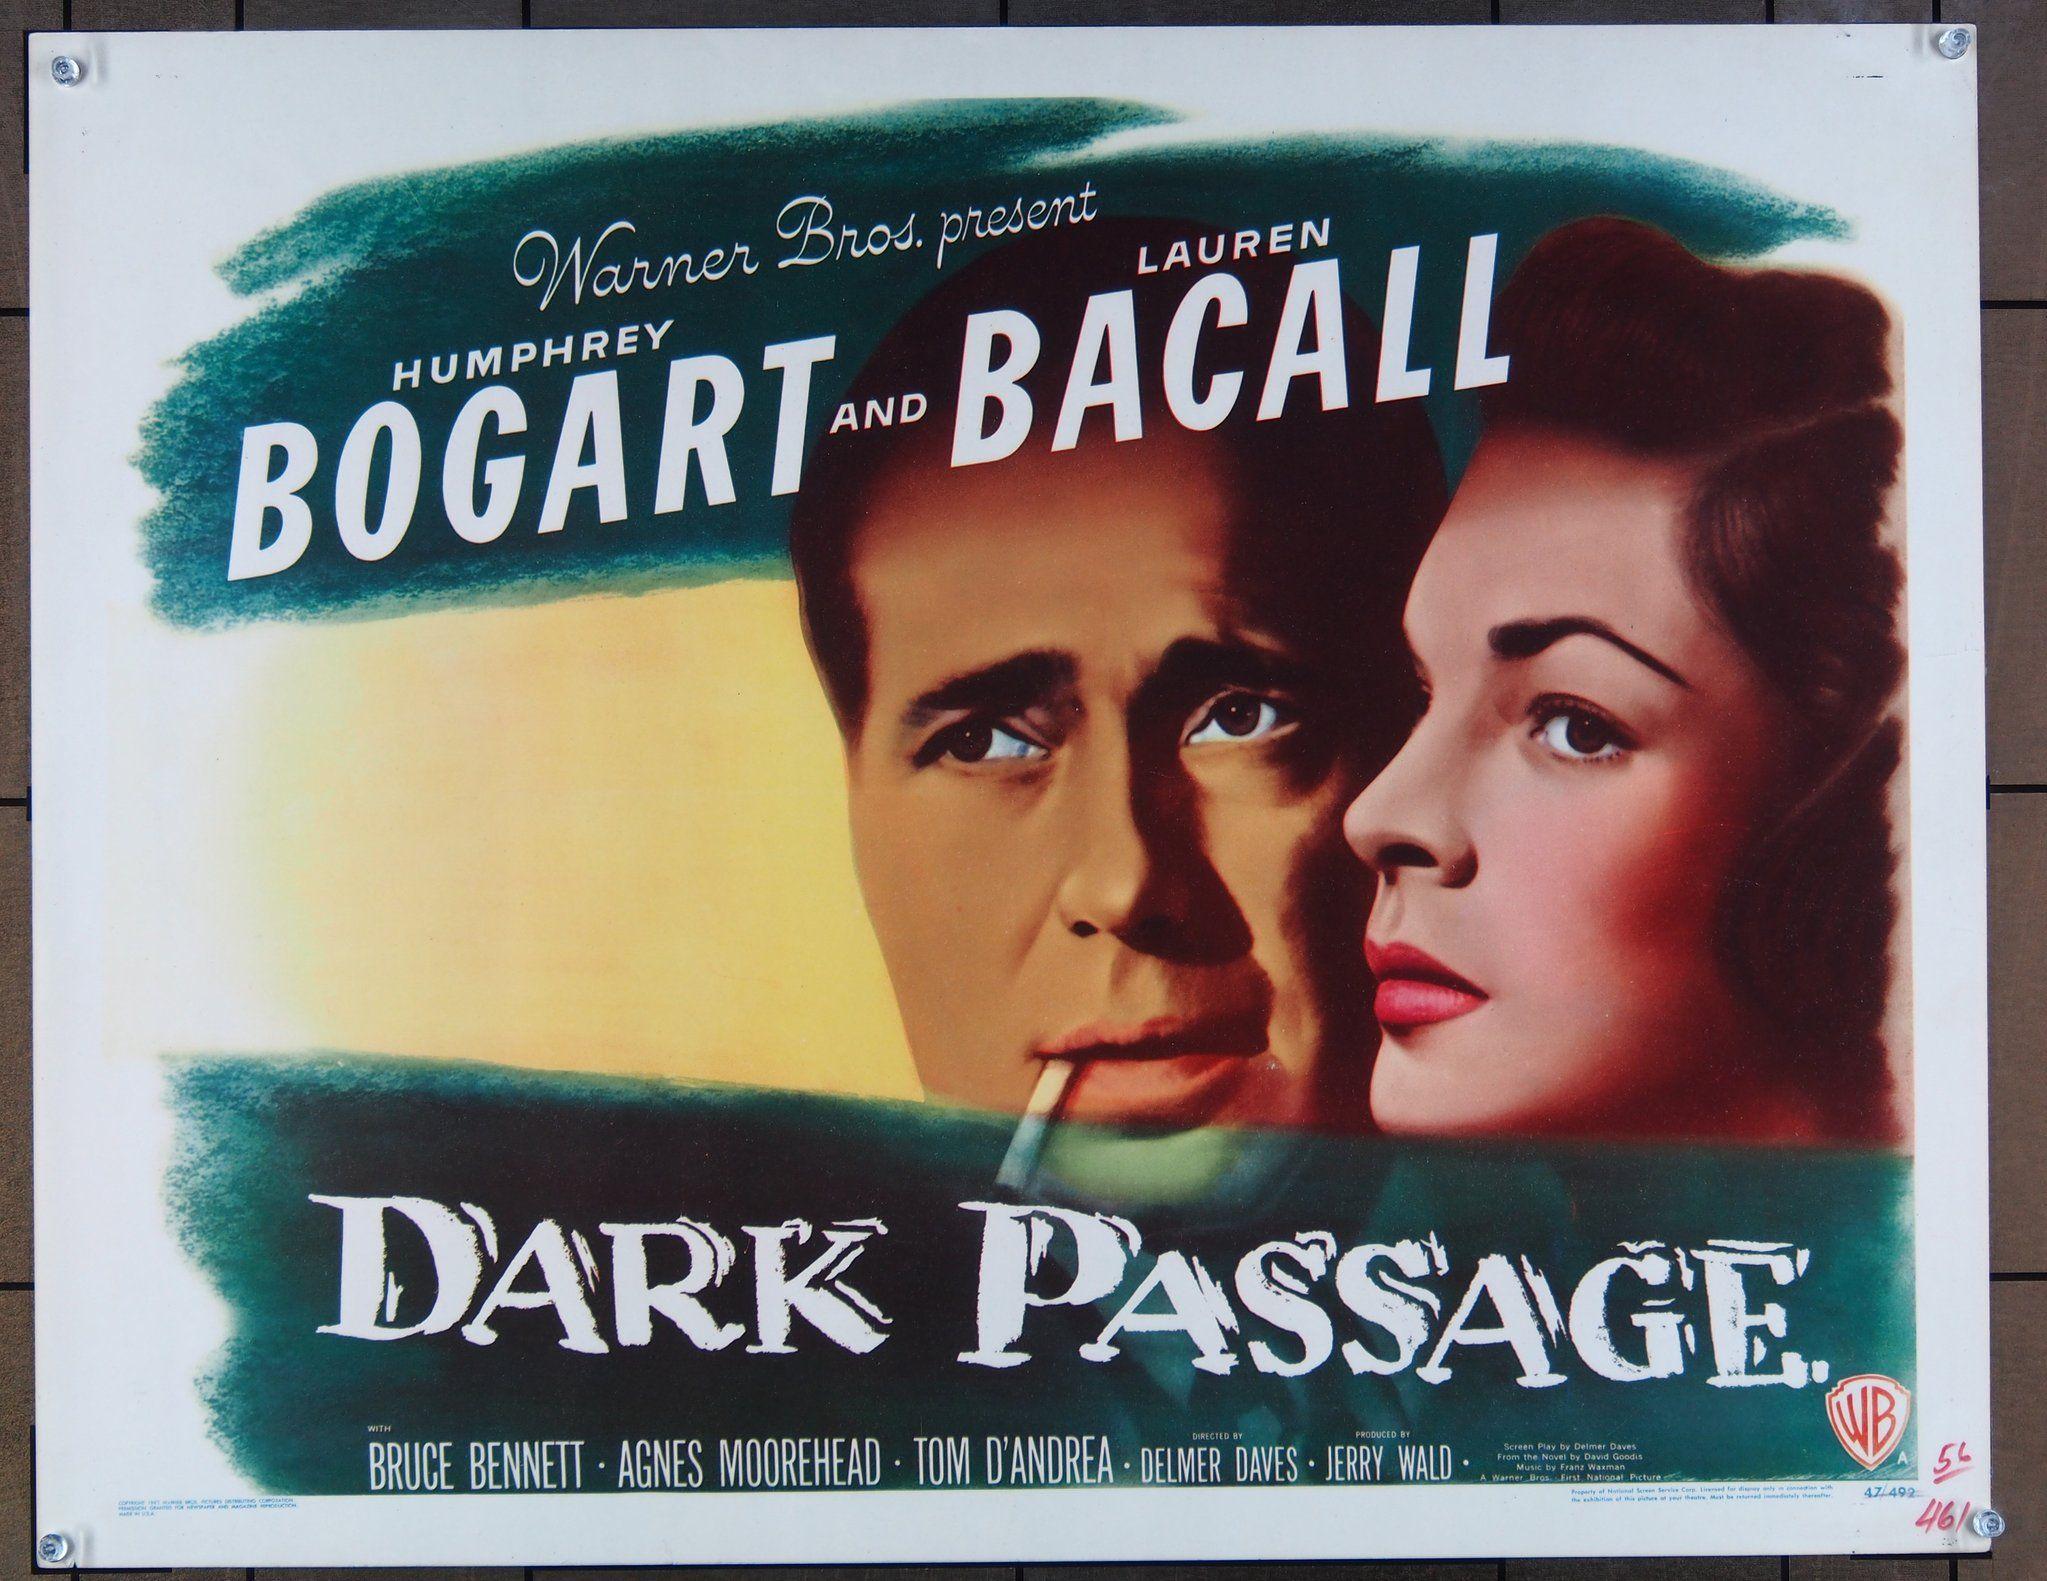 Dark passage (1947) 26022 Film noir, Humphrey bogart